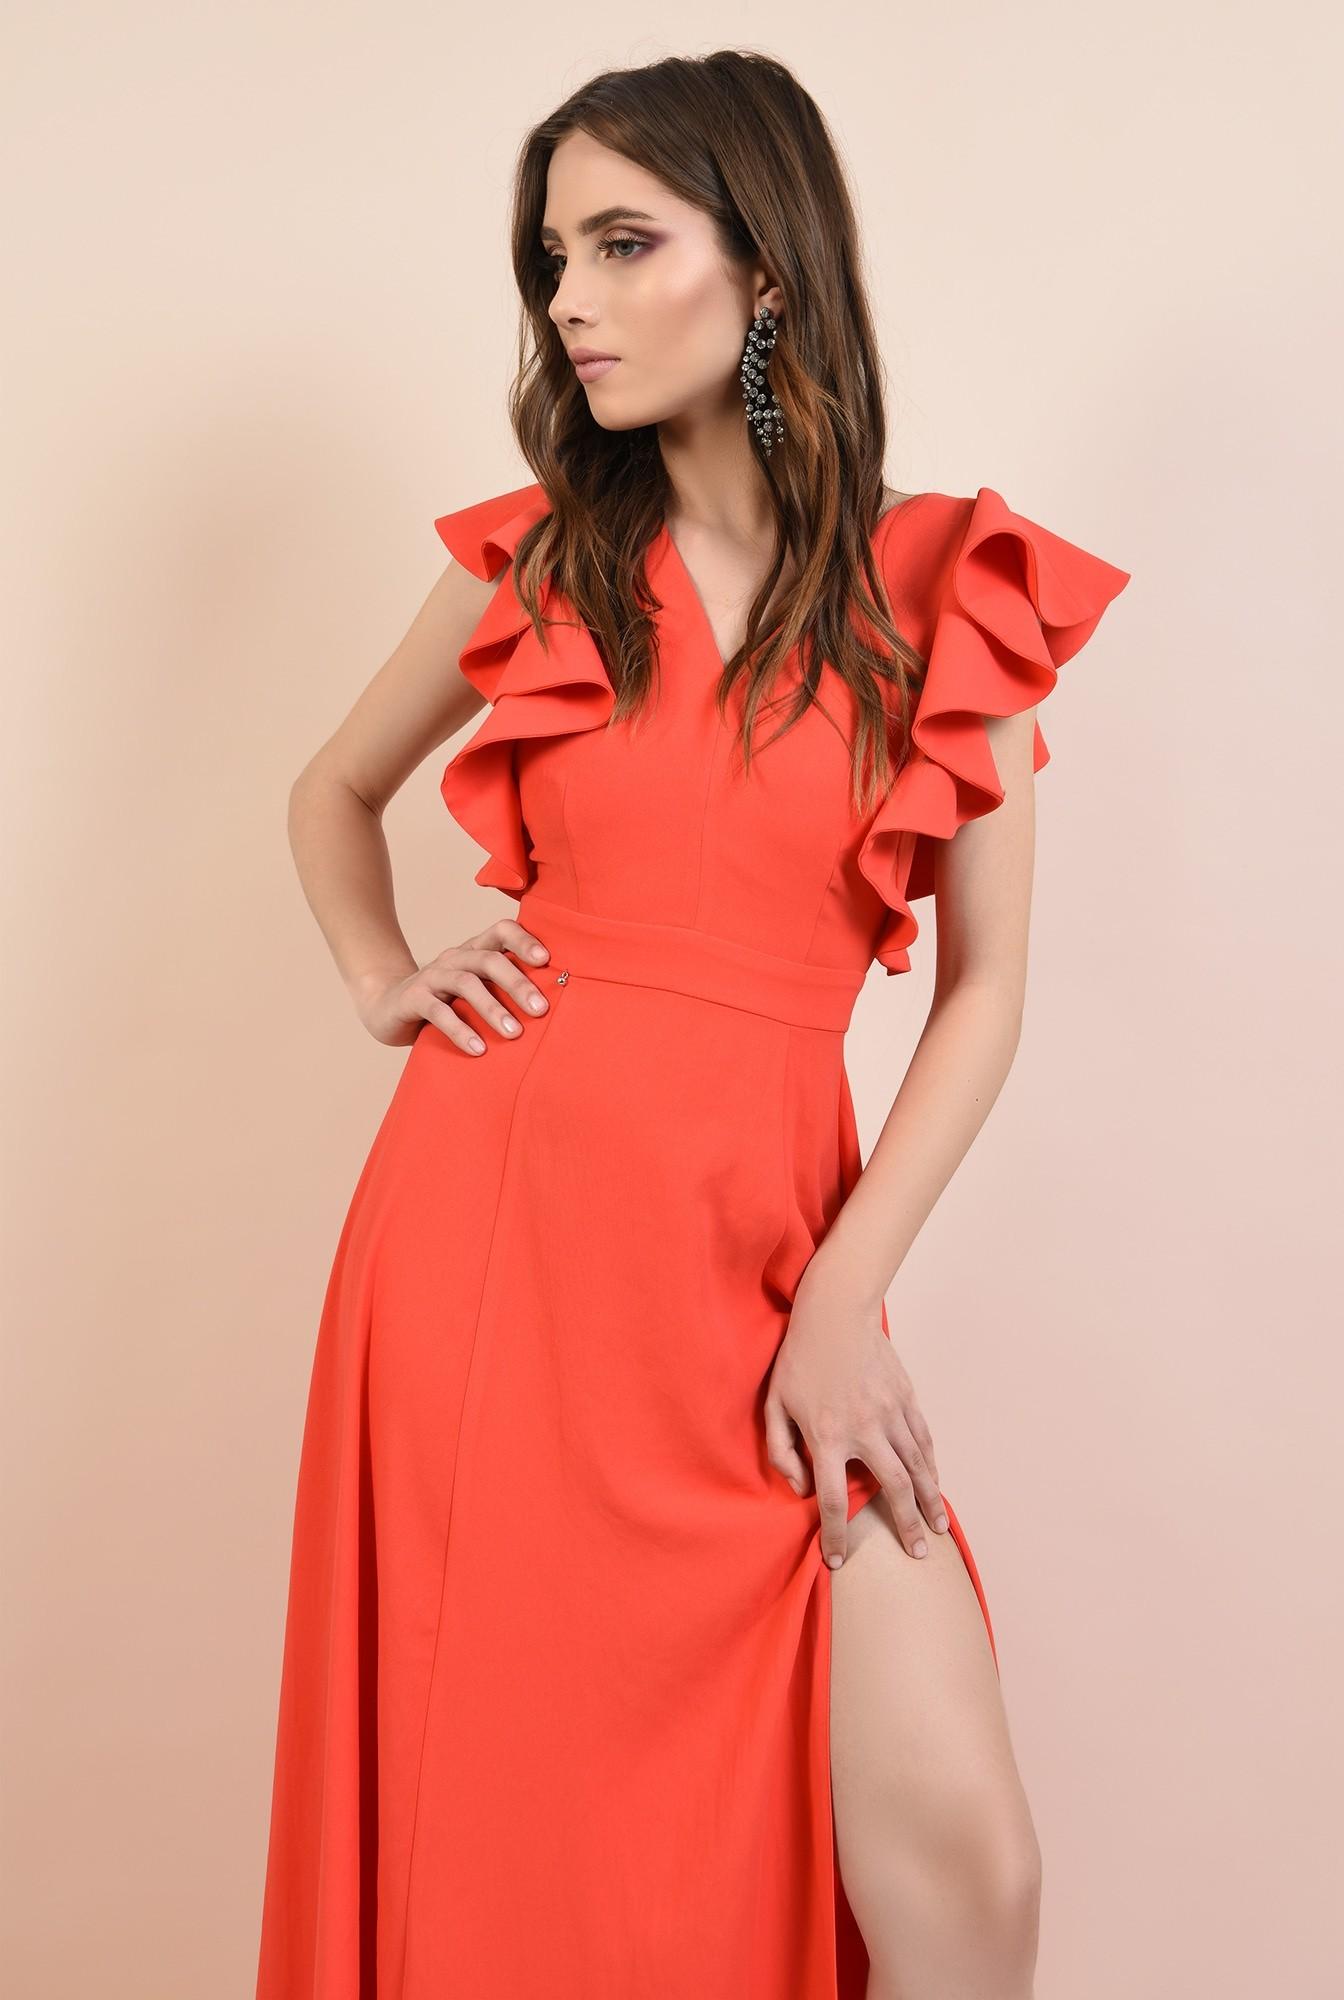 2 - rochie lunga, rosie, cu crapeu, cu volane la maneci, Poema